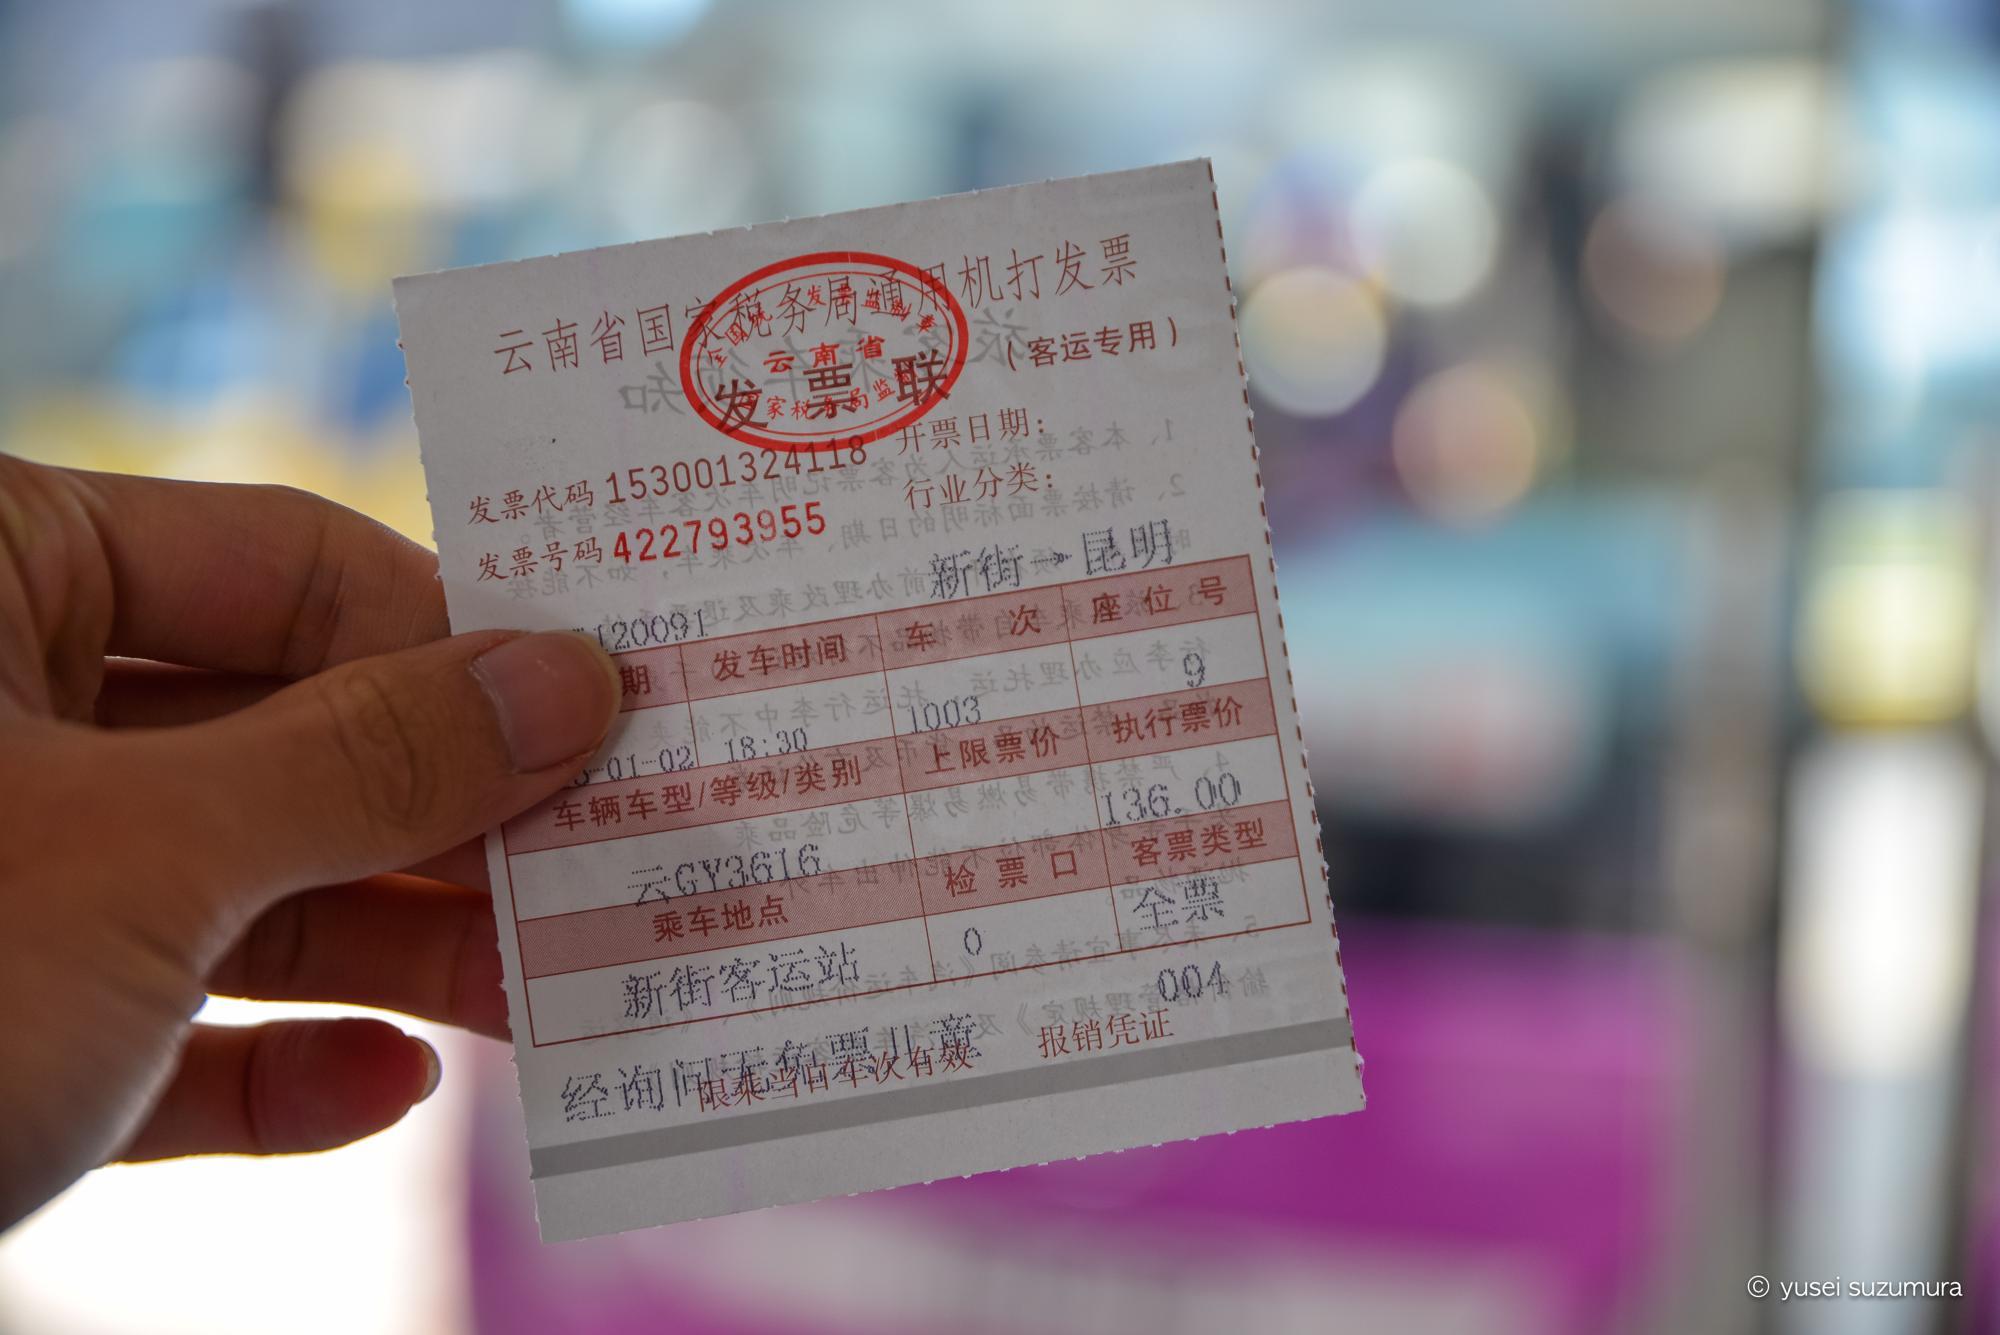 新街鎮-昆明 夜行バスのチケット